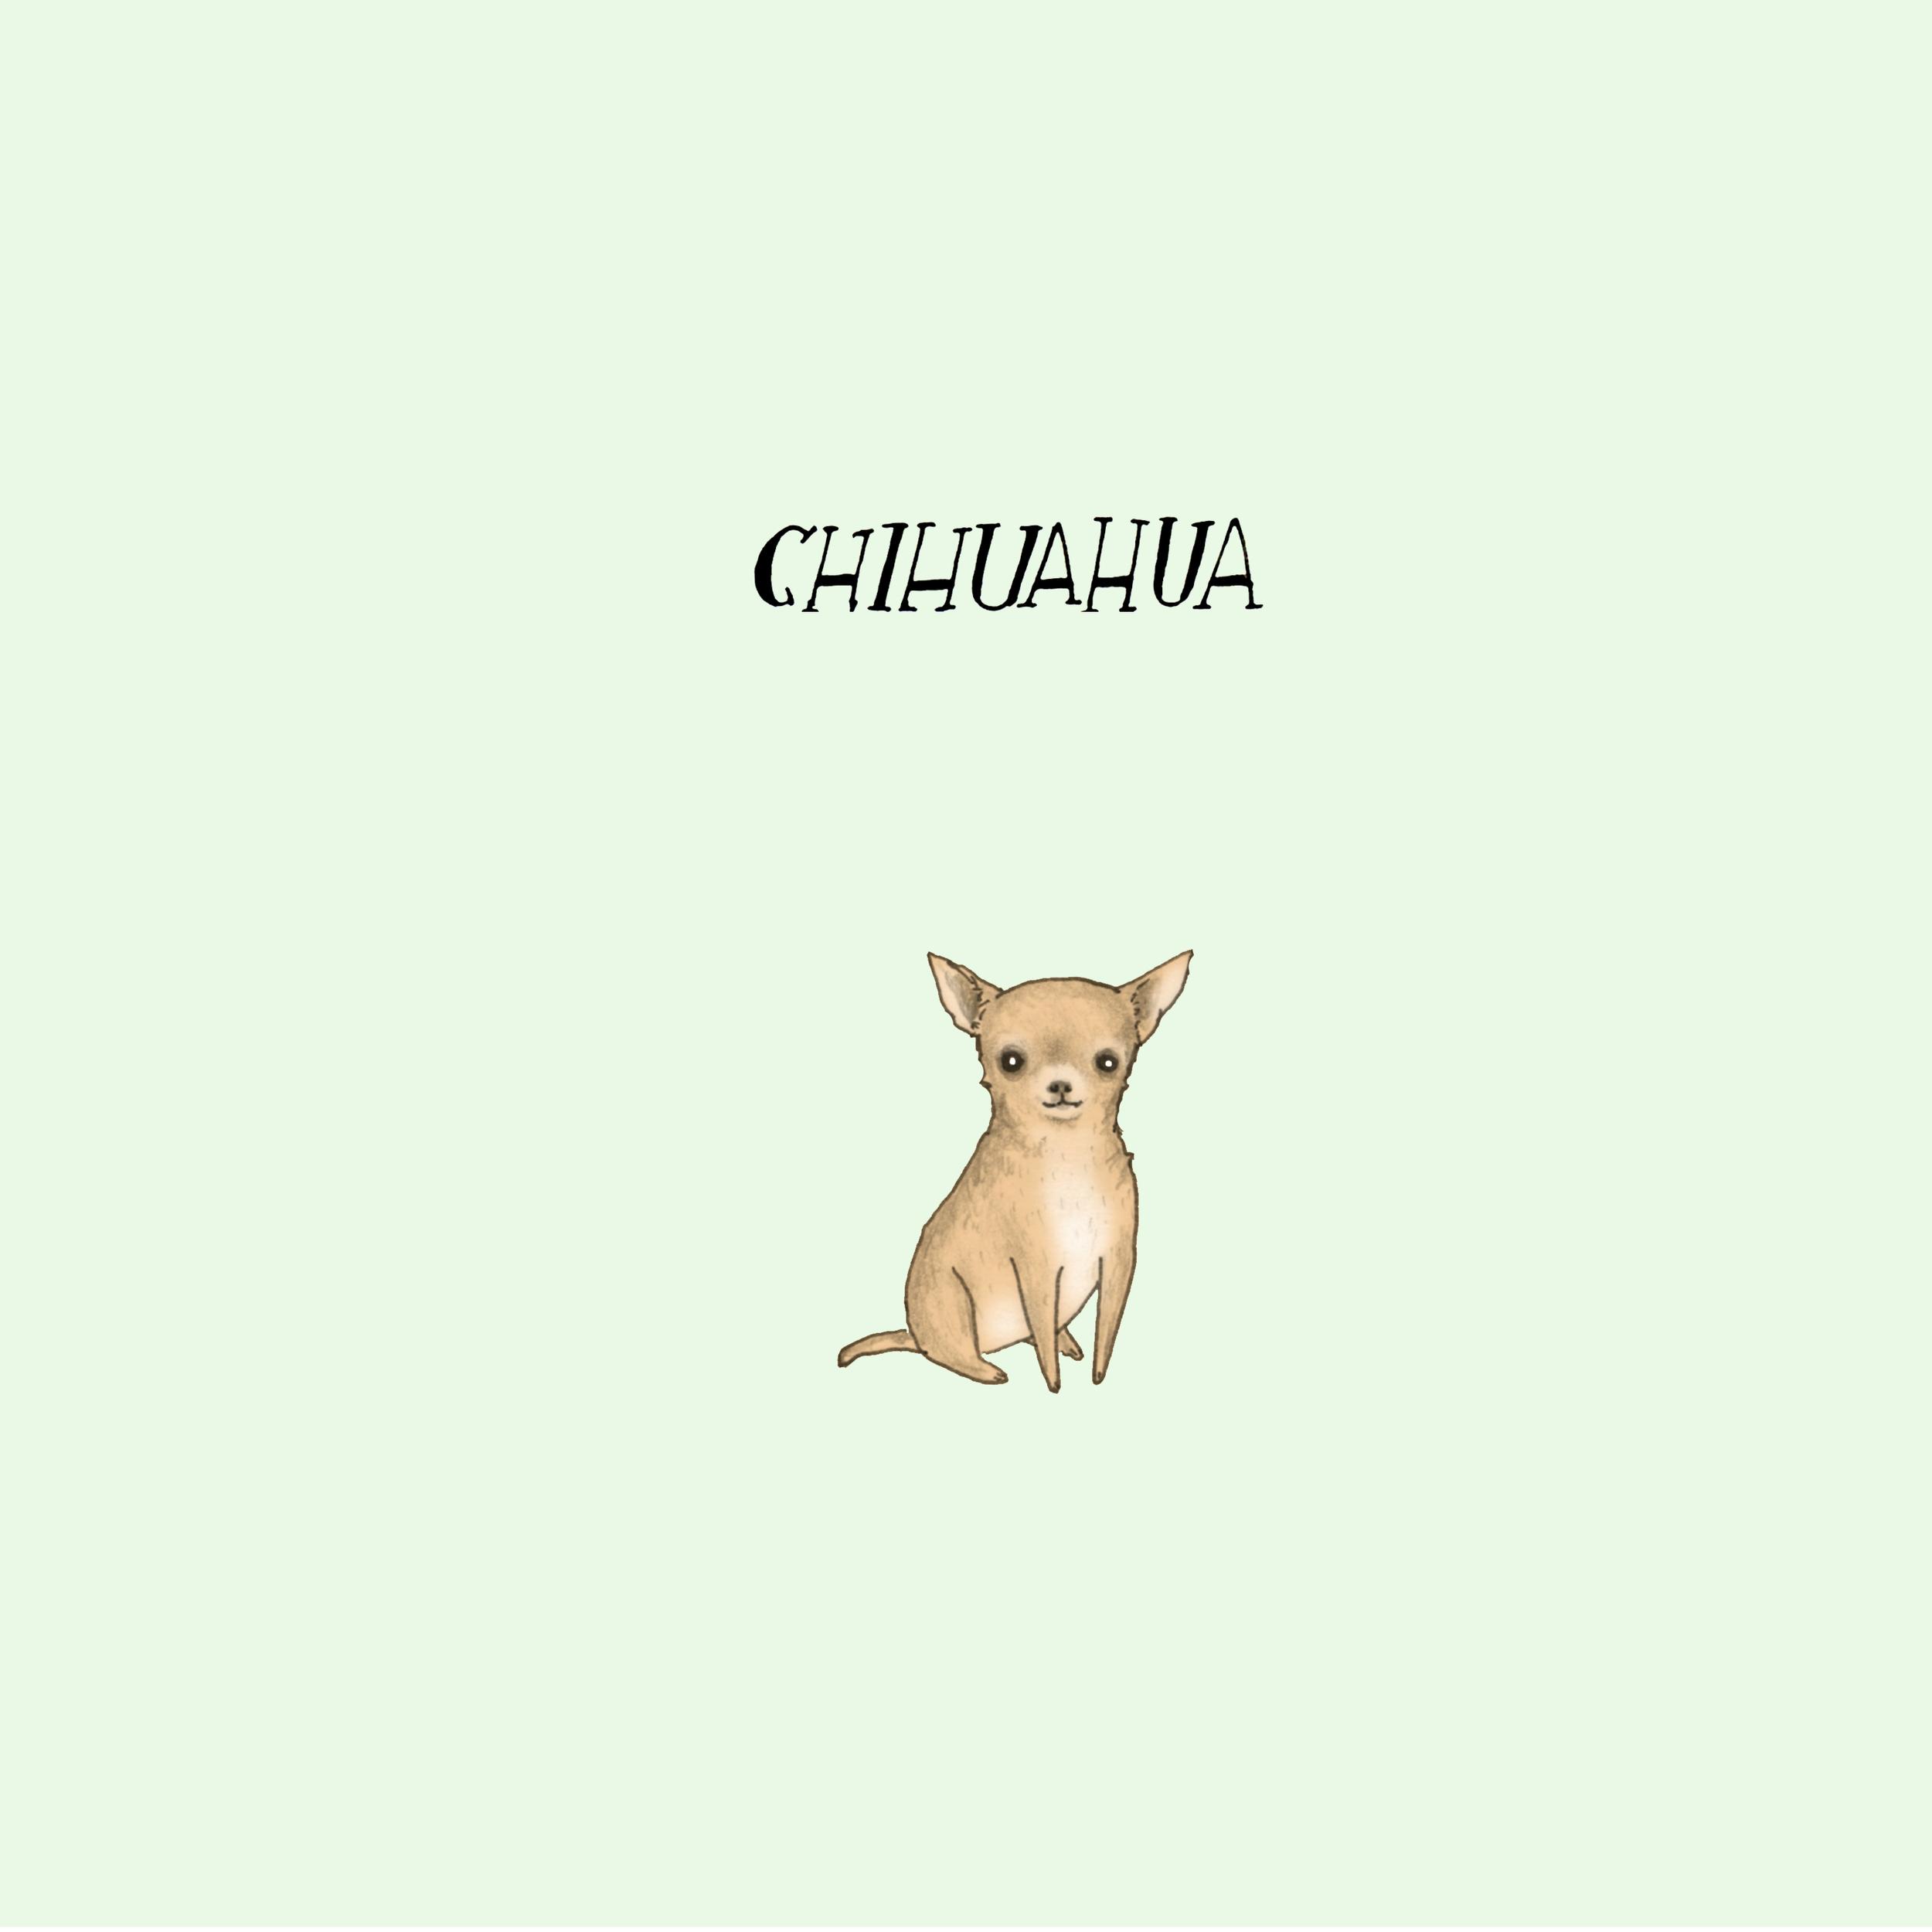 Dogadaychihuahua.jpg